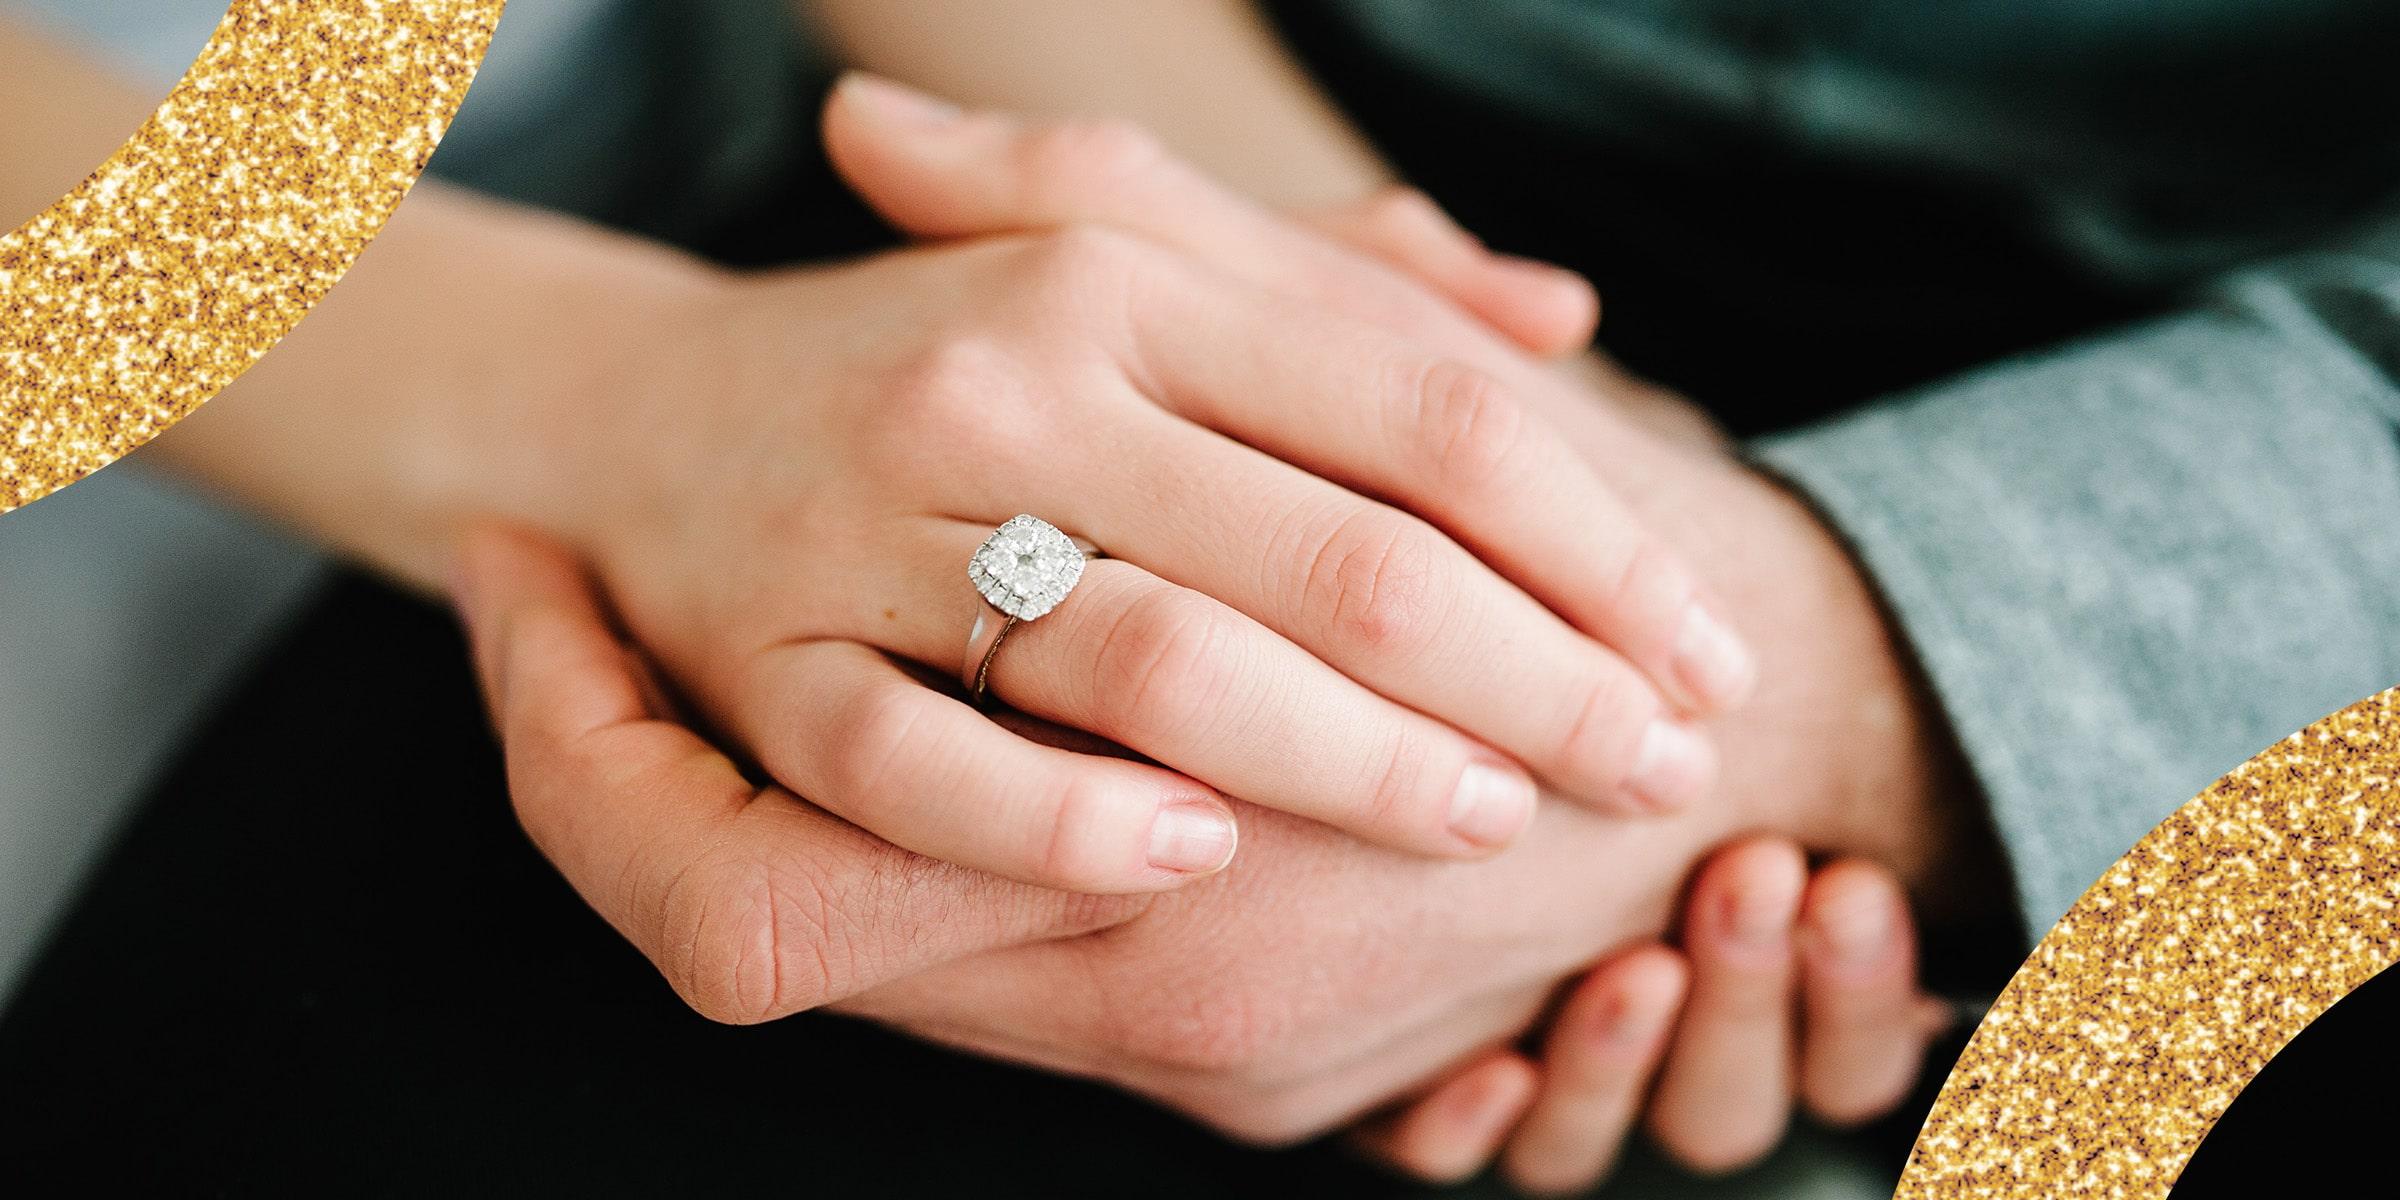 دو دلی در دوران نامزدی